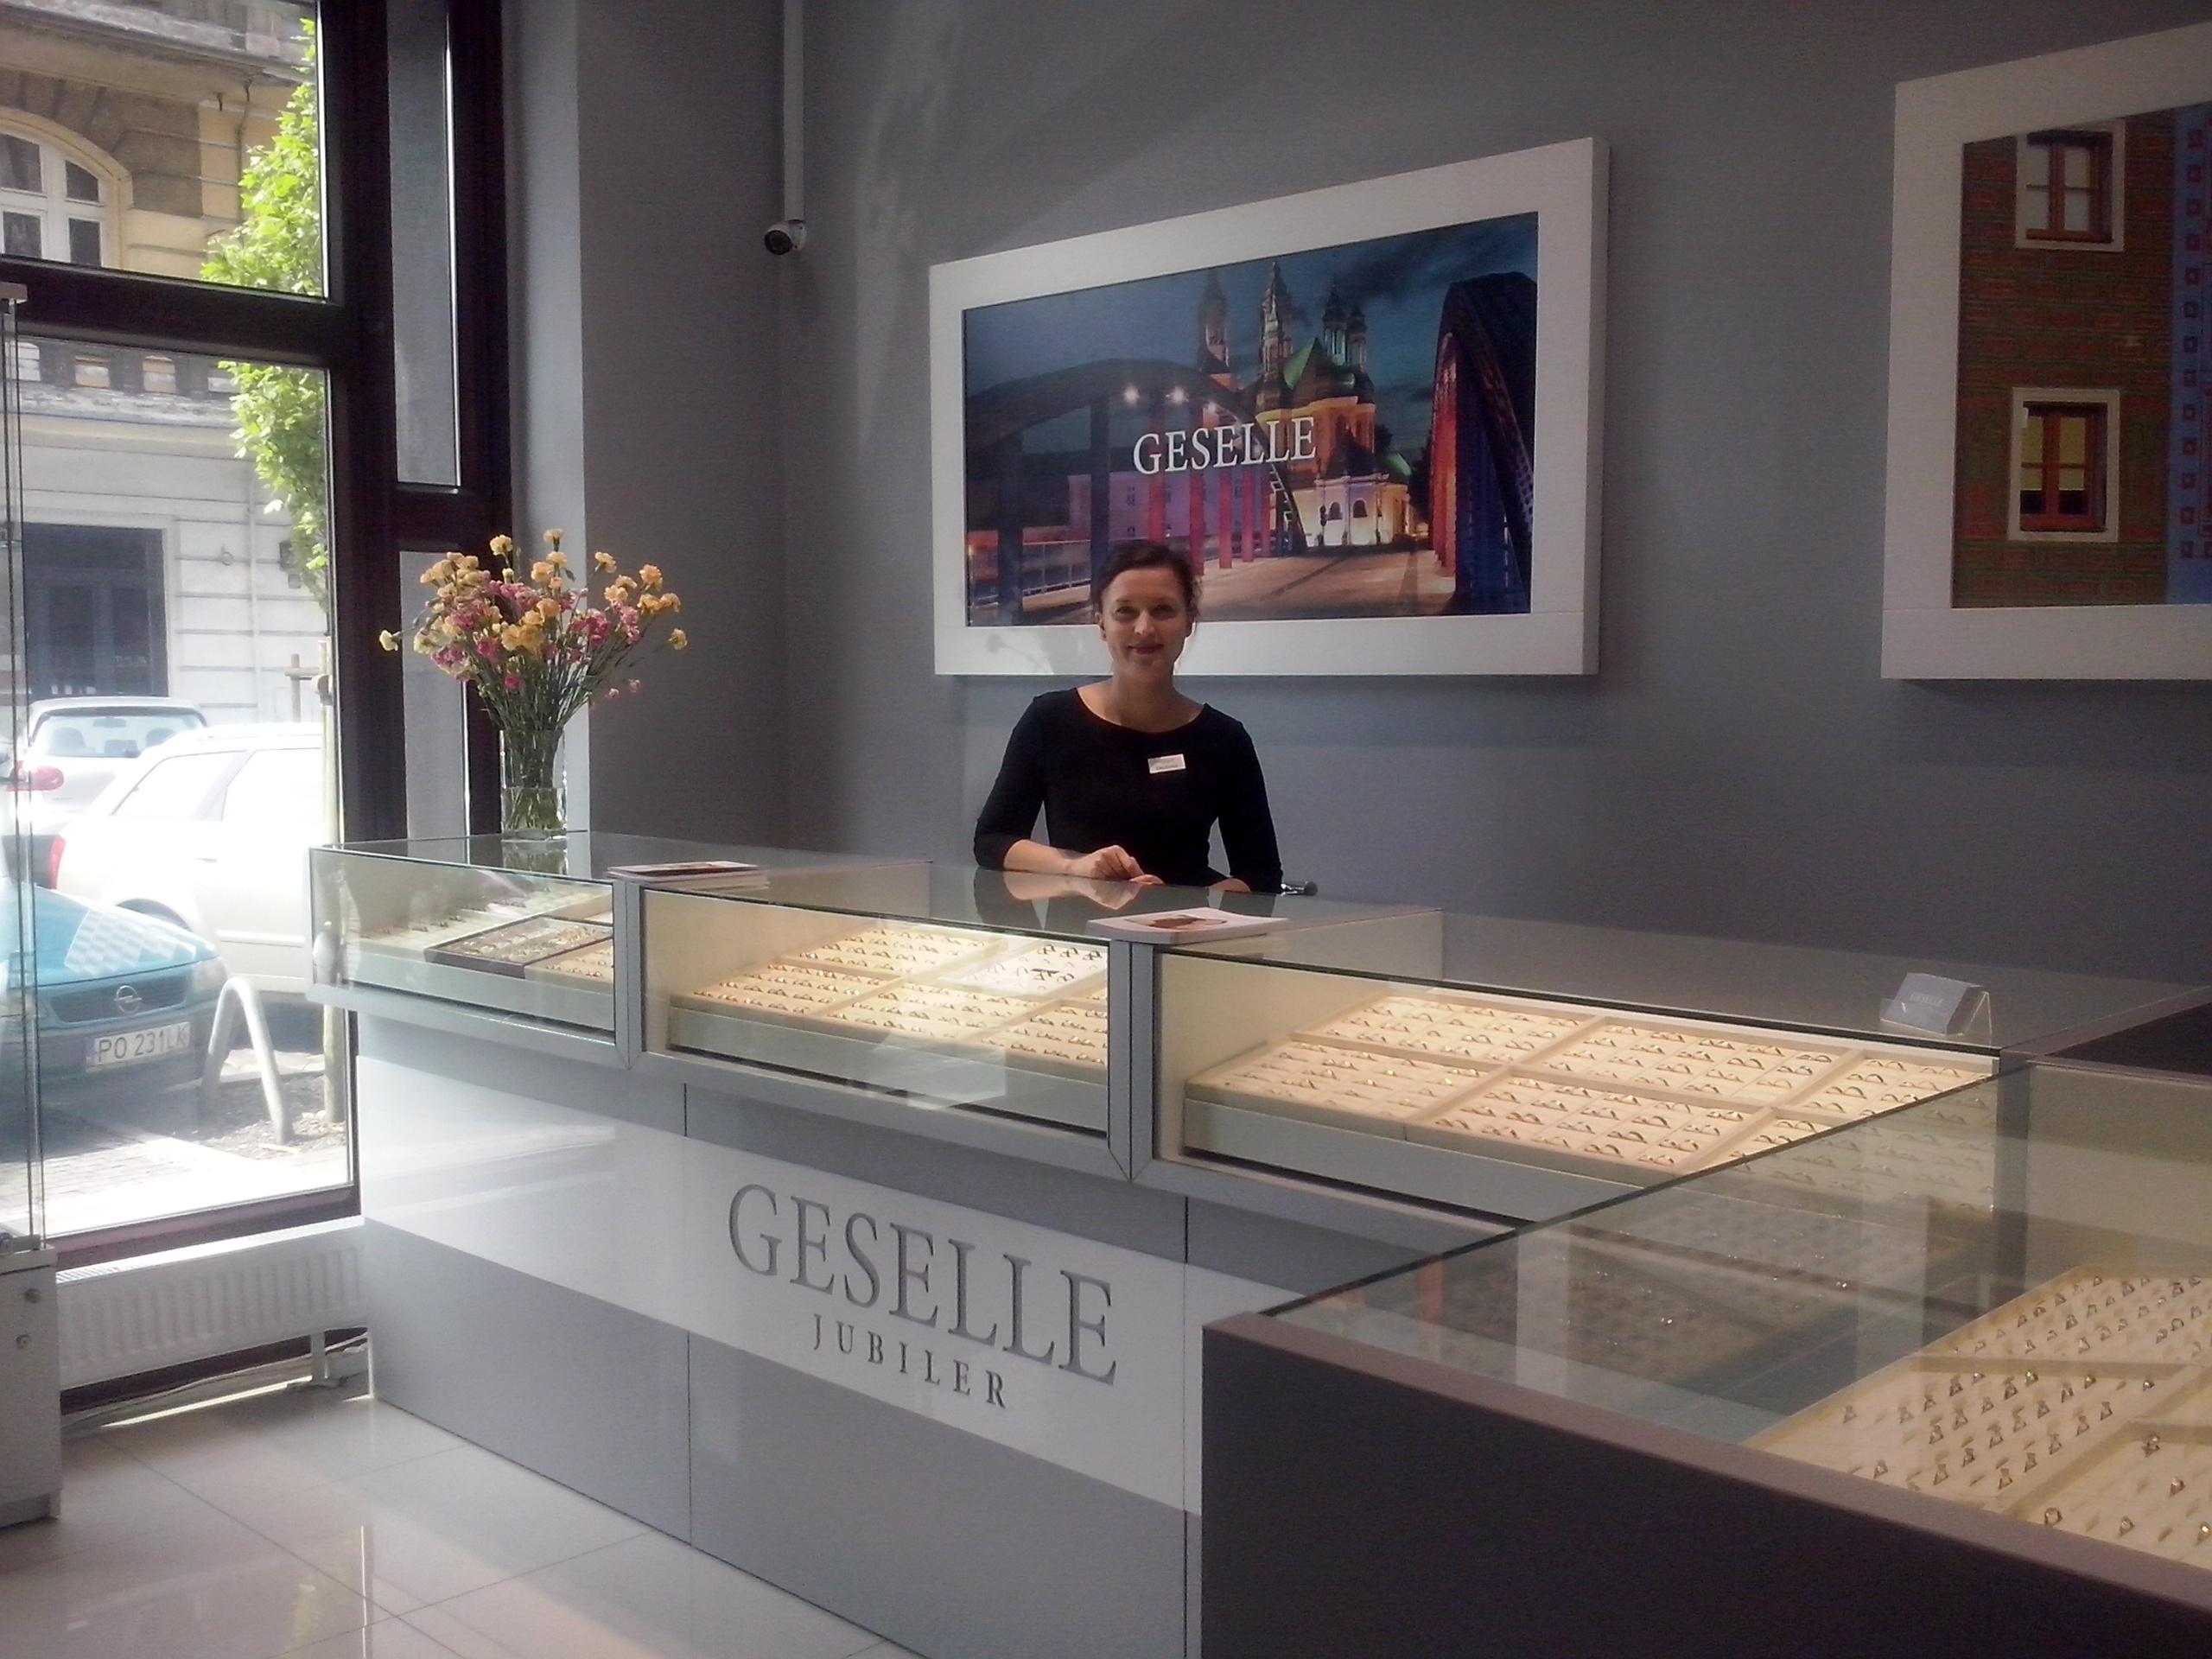 Nowy salon GESELLE Jubiler w Poznaniu - pierścionki zaręczynowe, obrączki ślubne i biżuteria do ślubu